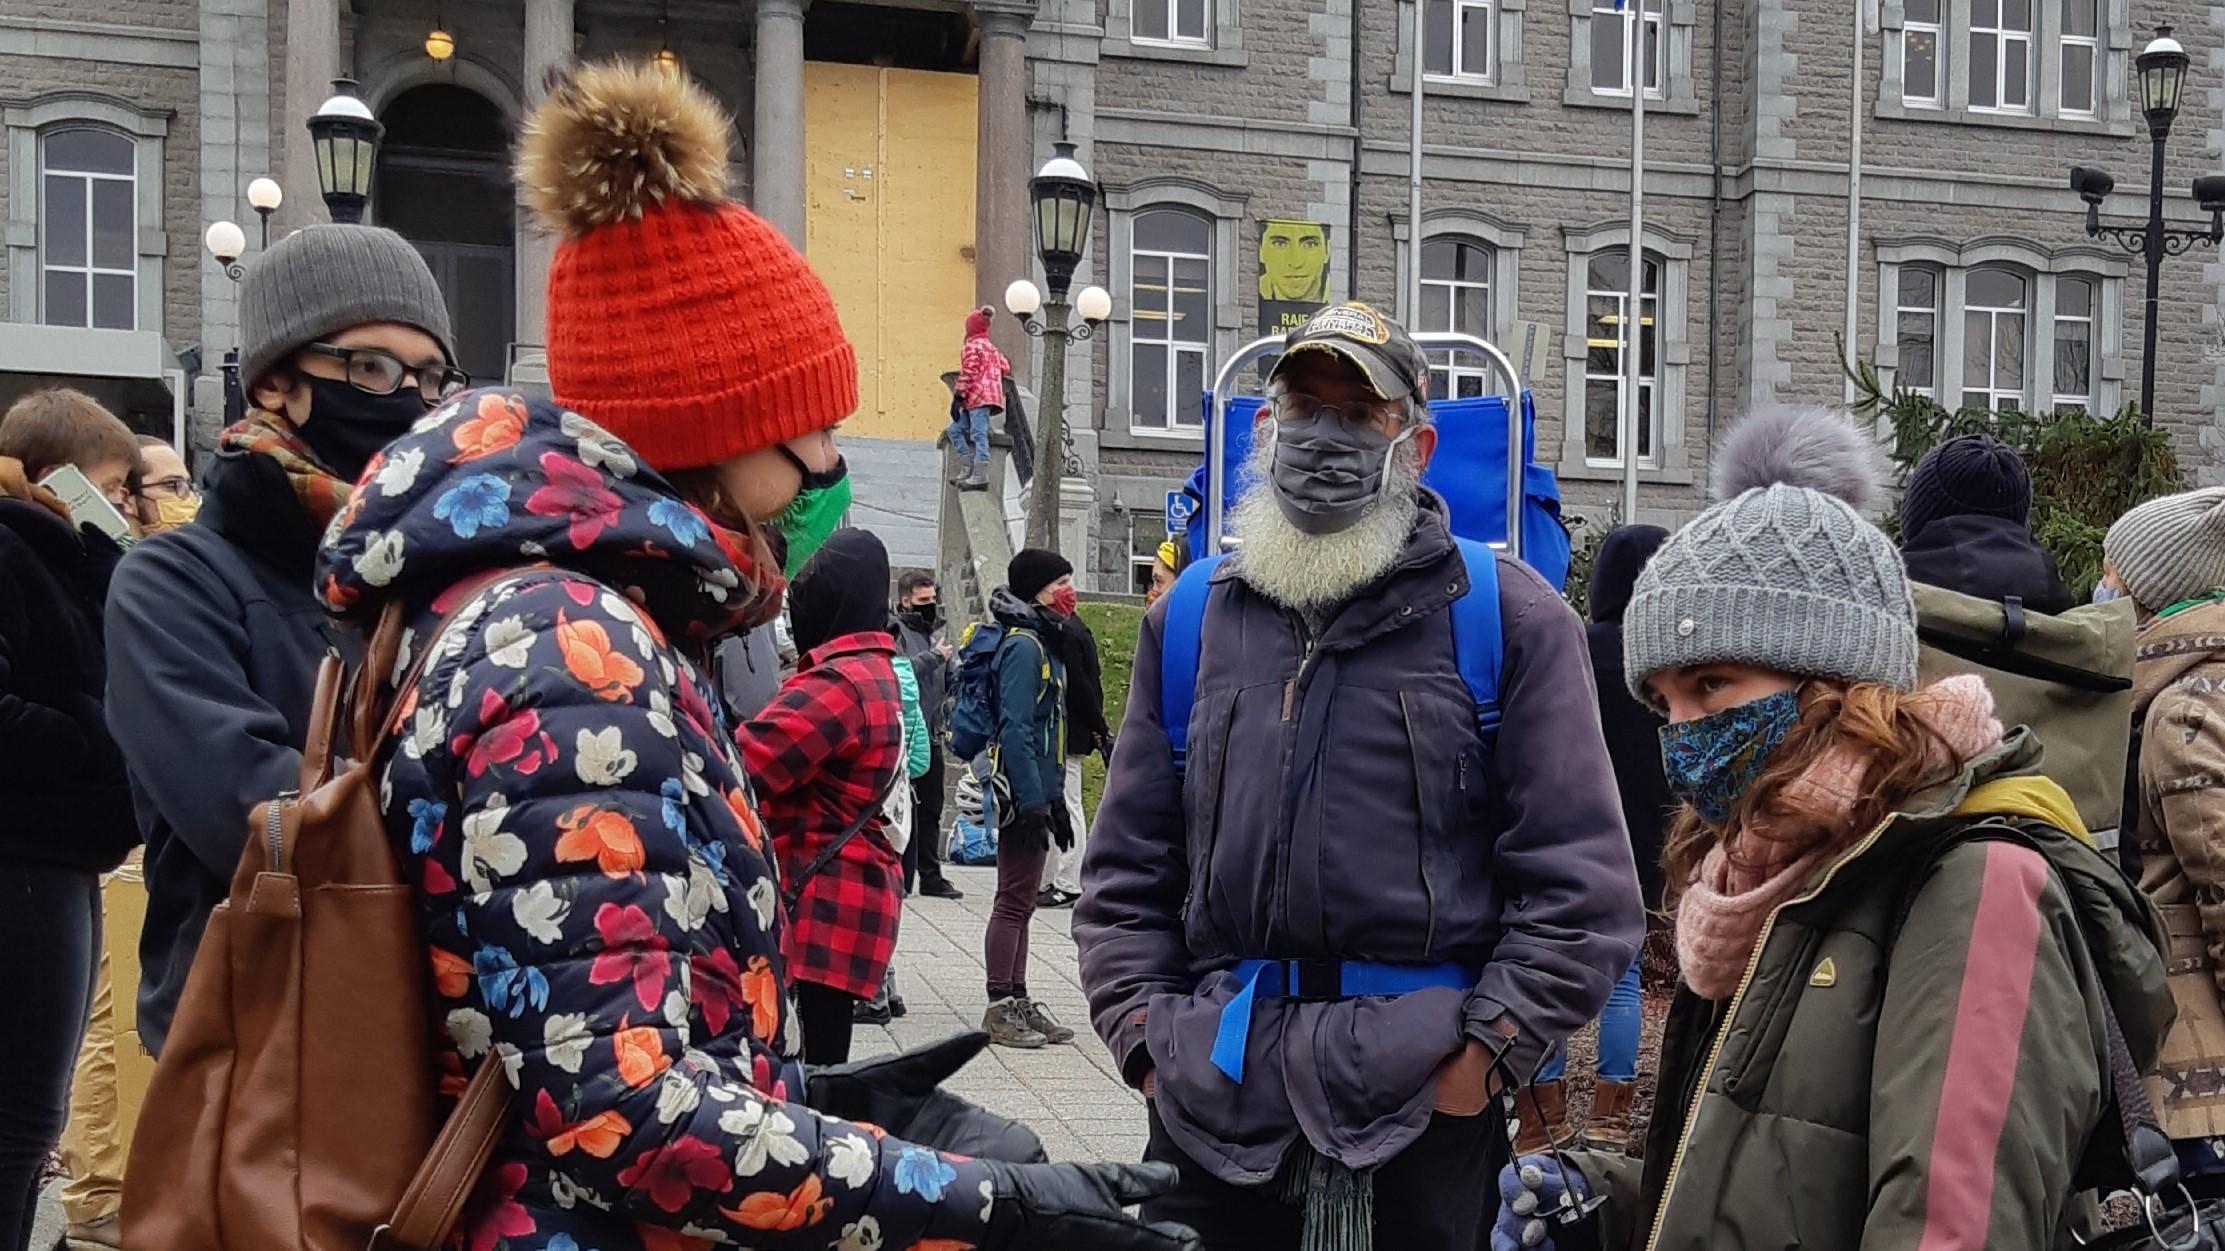 LA TRIBUNE | URGENCE CLIMATIQUE SHERBROOKE LANCE UN DÉFI AUX ÉLUS